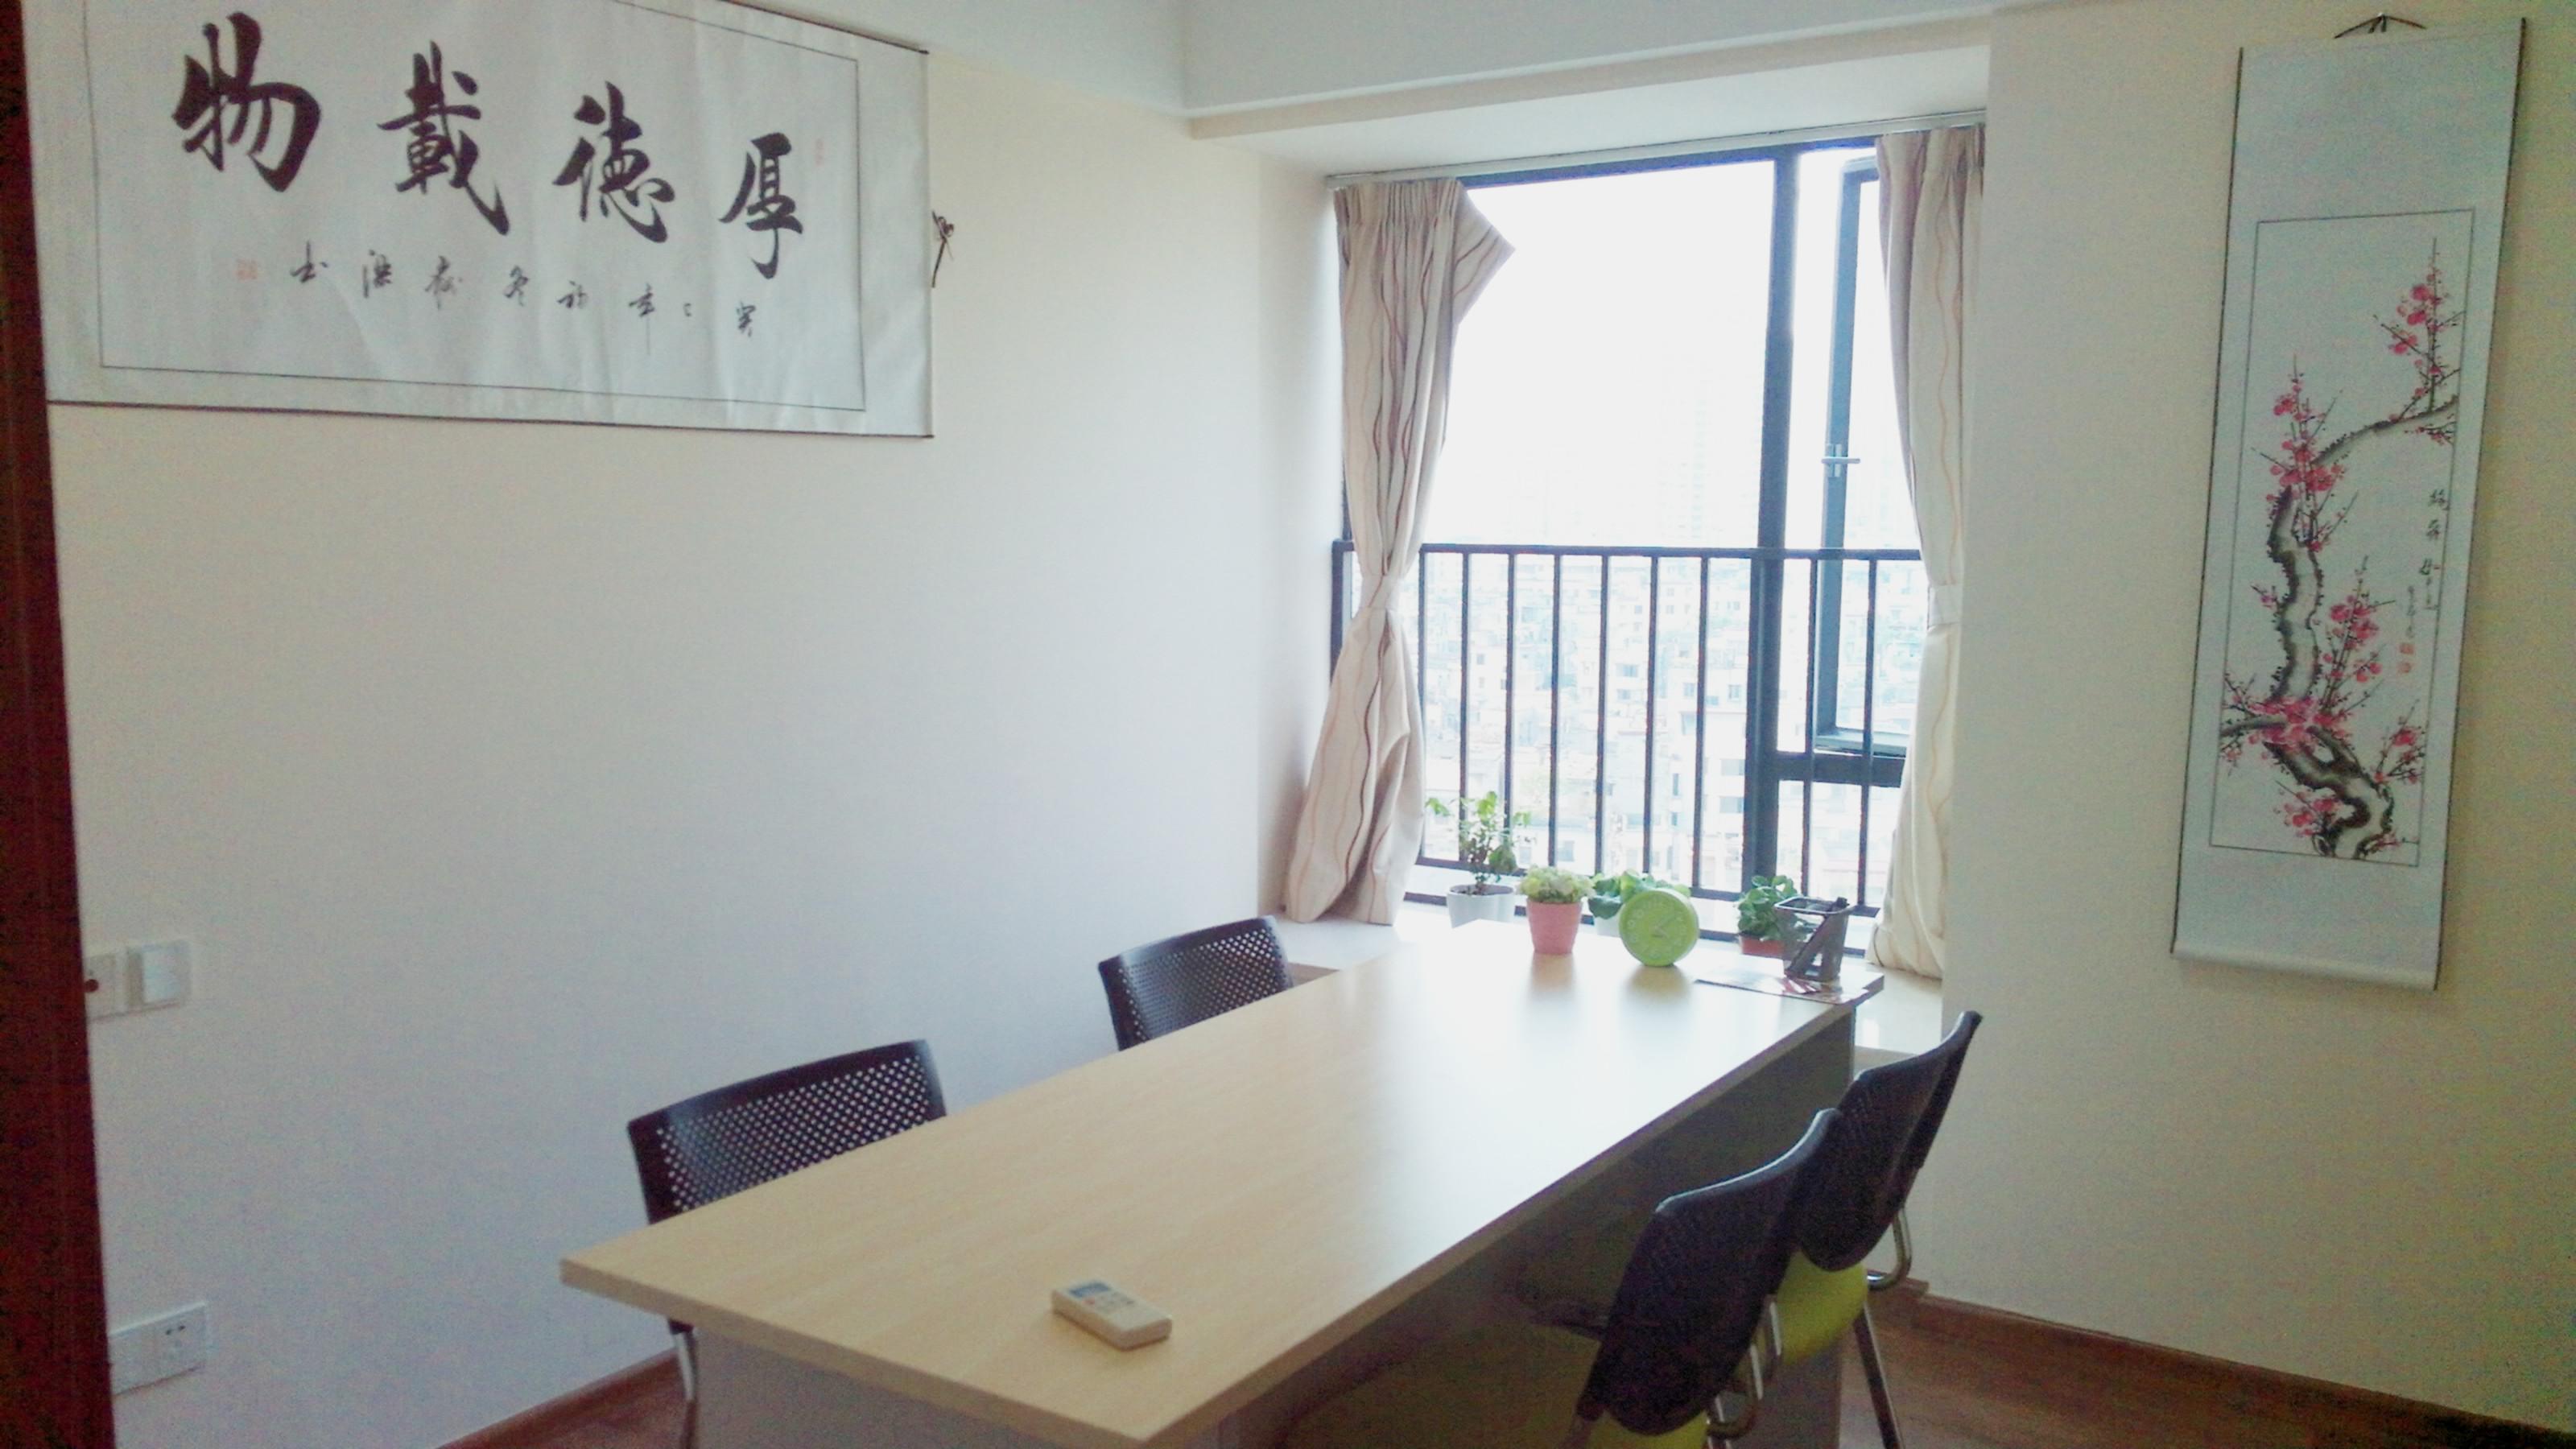 广州日语培训课程